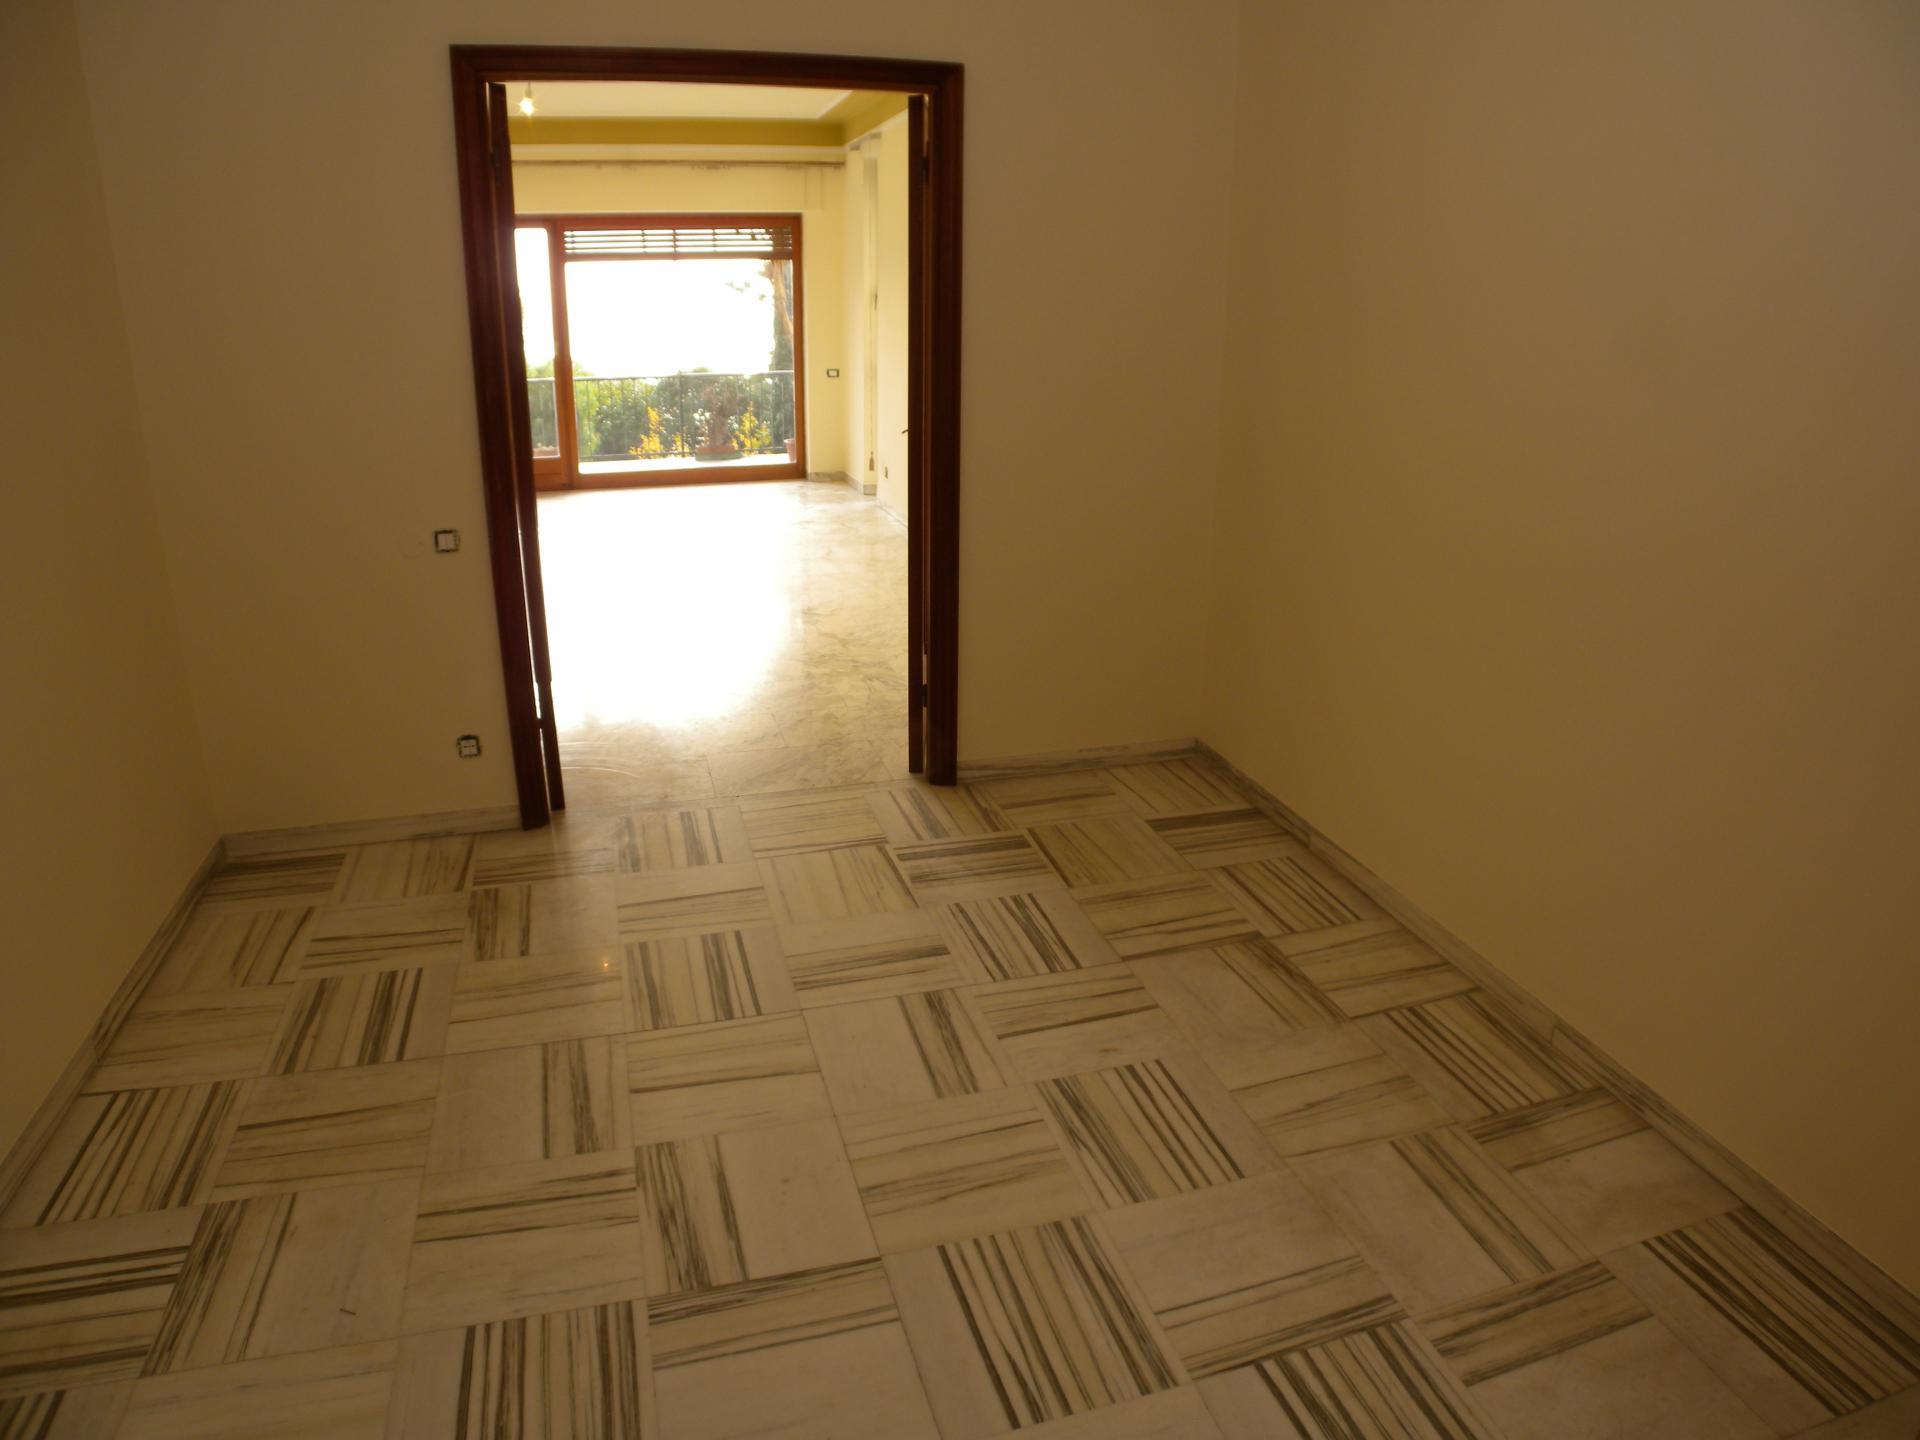 Appartamento in affitto a Imperia, 5 locali, zona Località: PortoMauriziocentro, prezzo € 1.300 | Cambio Casa.it